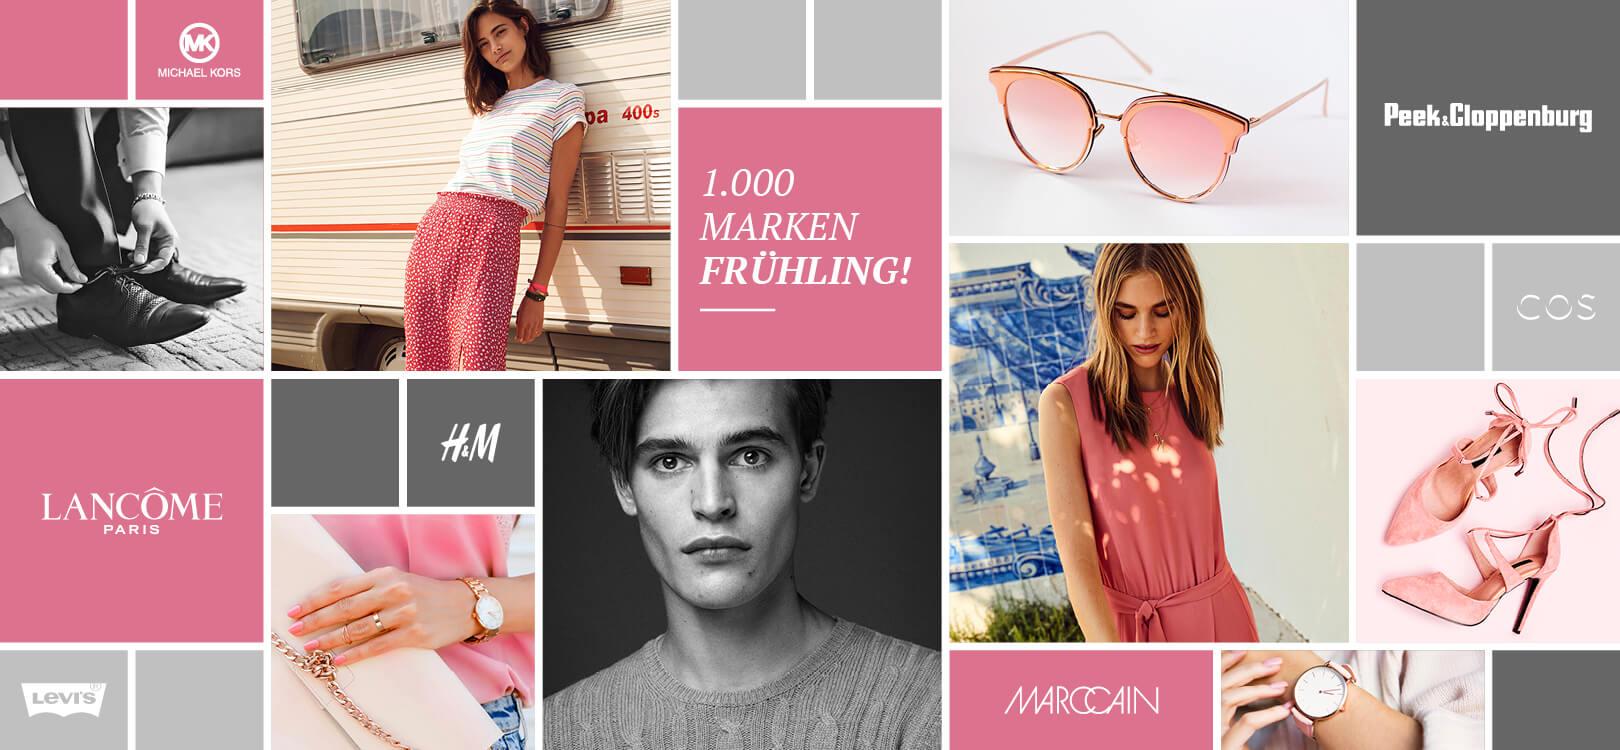 KHT Spring Shopping, 1000 Marken Frühling